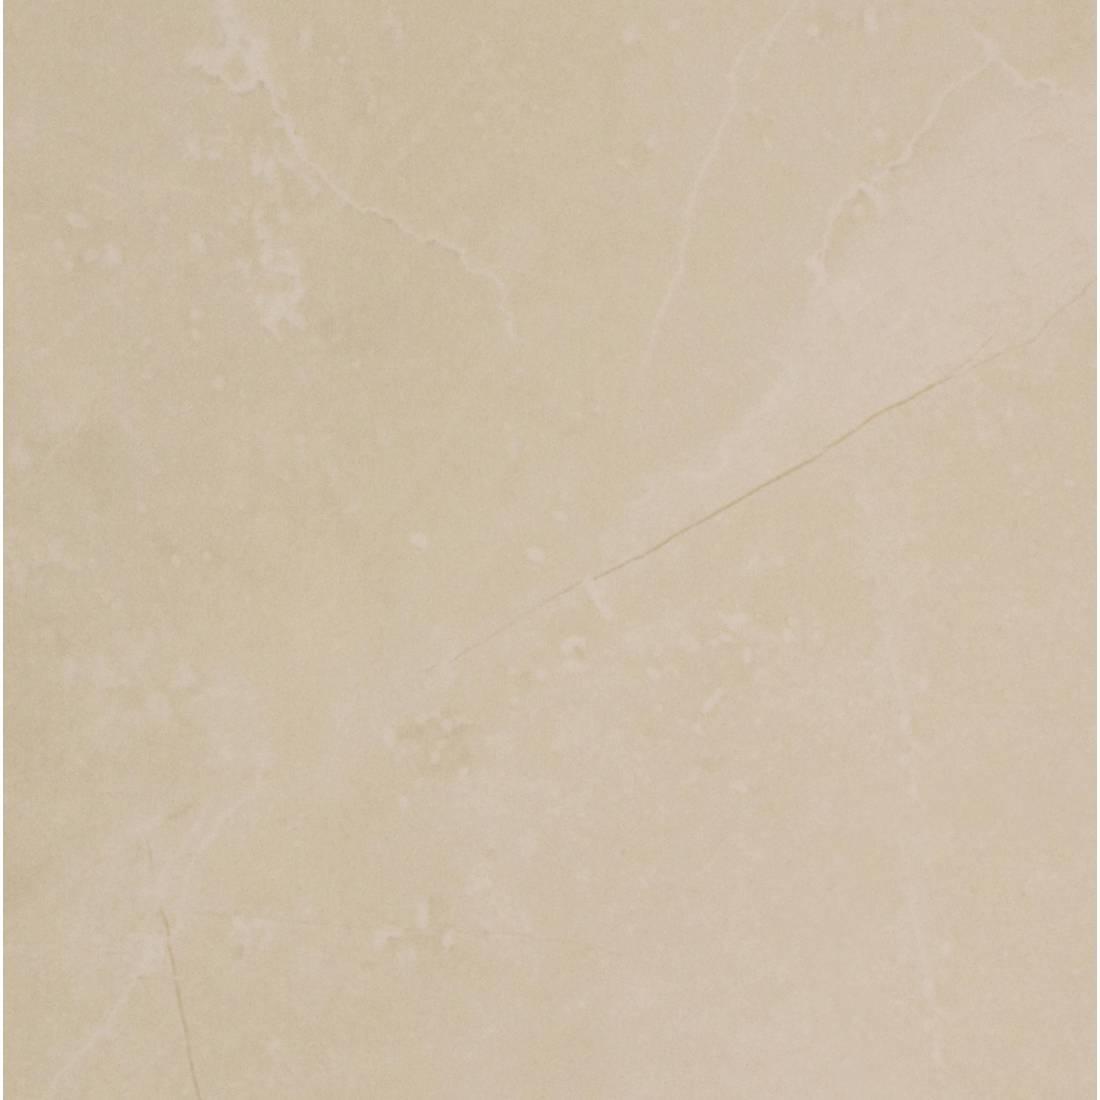 Pulpis Marfil 45x45 Cream 1